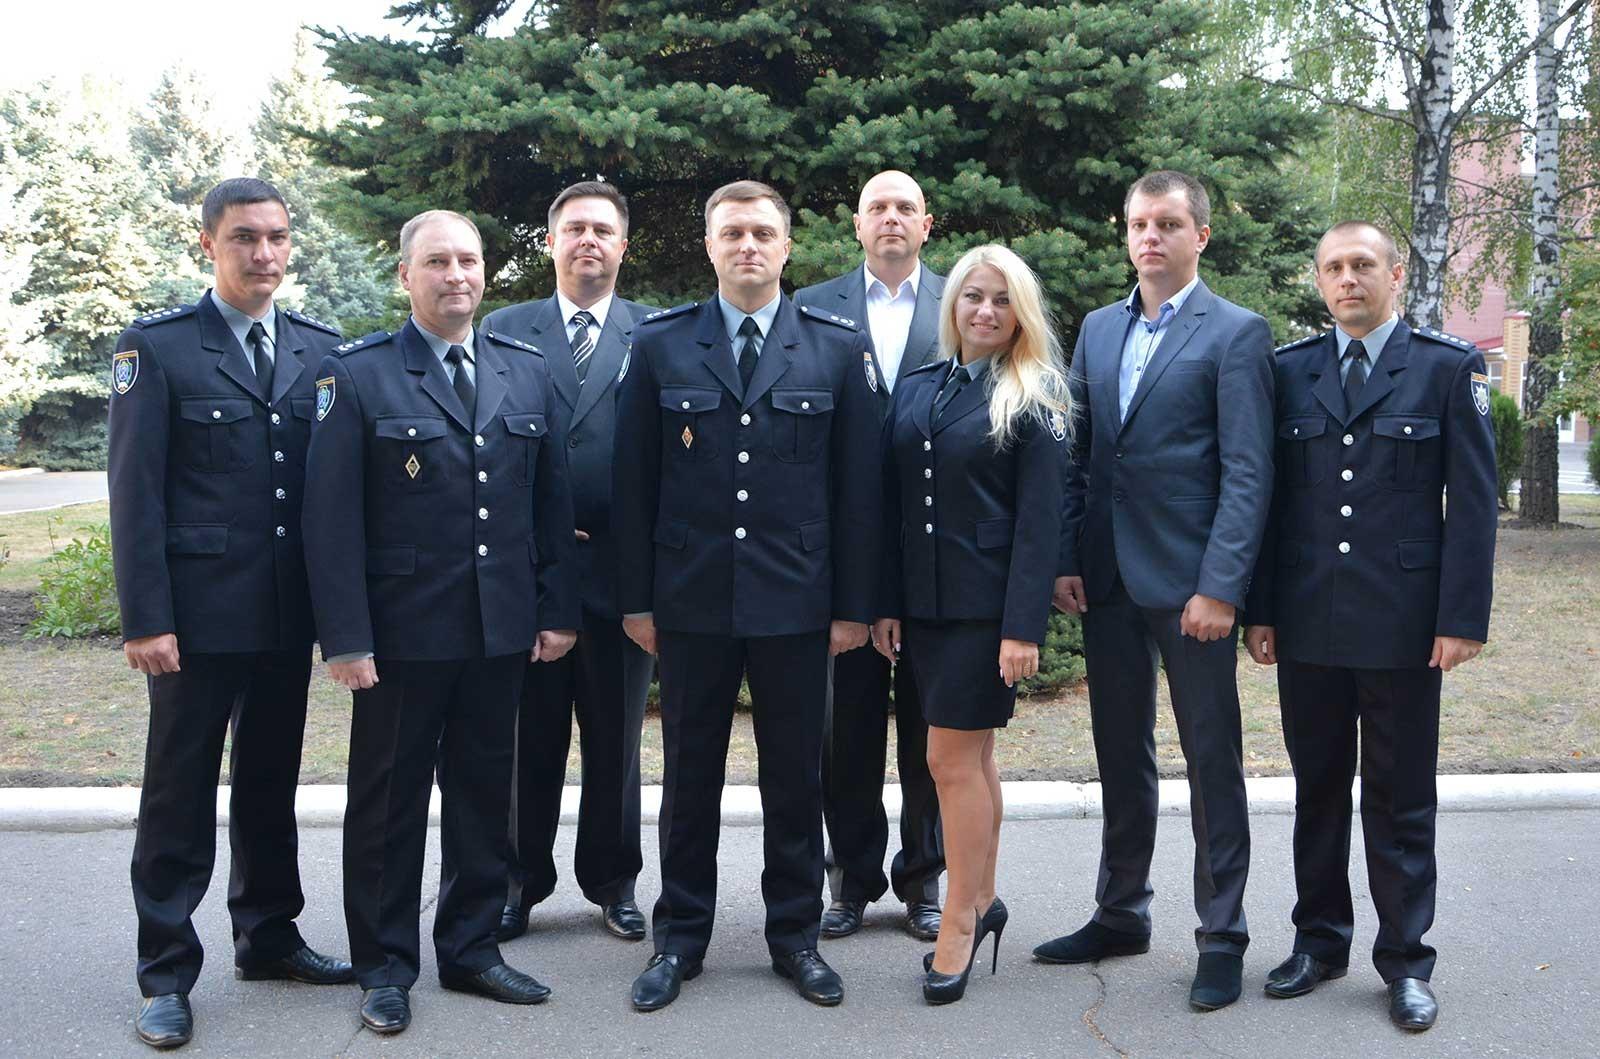 Факультет підготовки фахівців для підрозділів кримінальної поліції ДДУВС